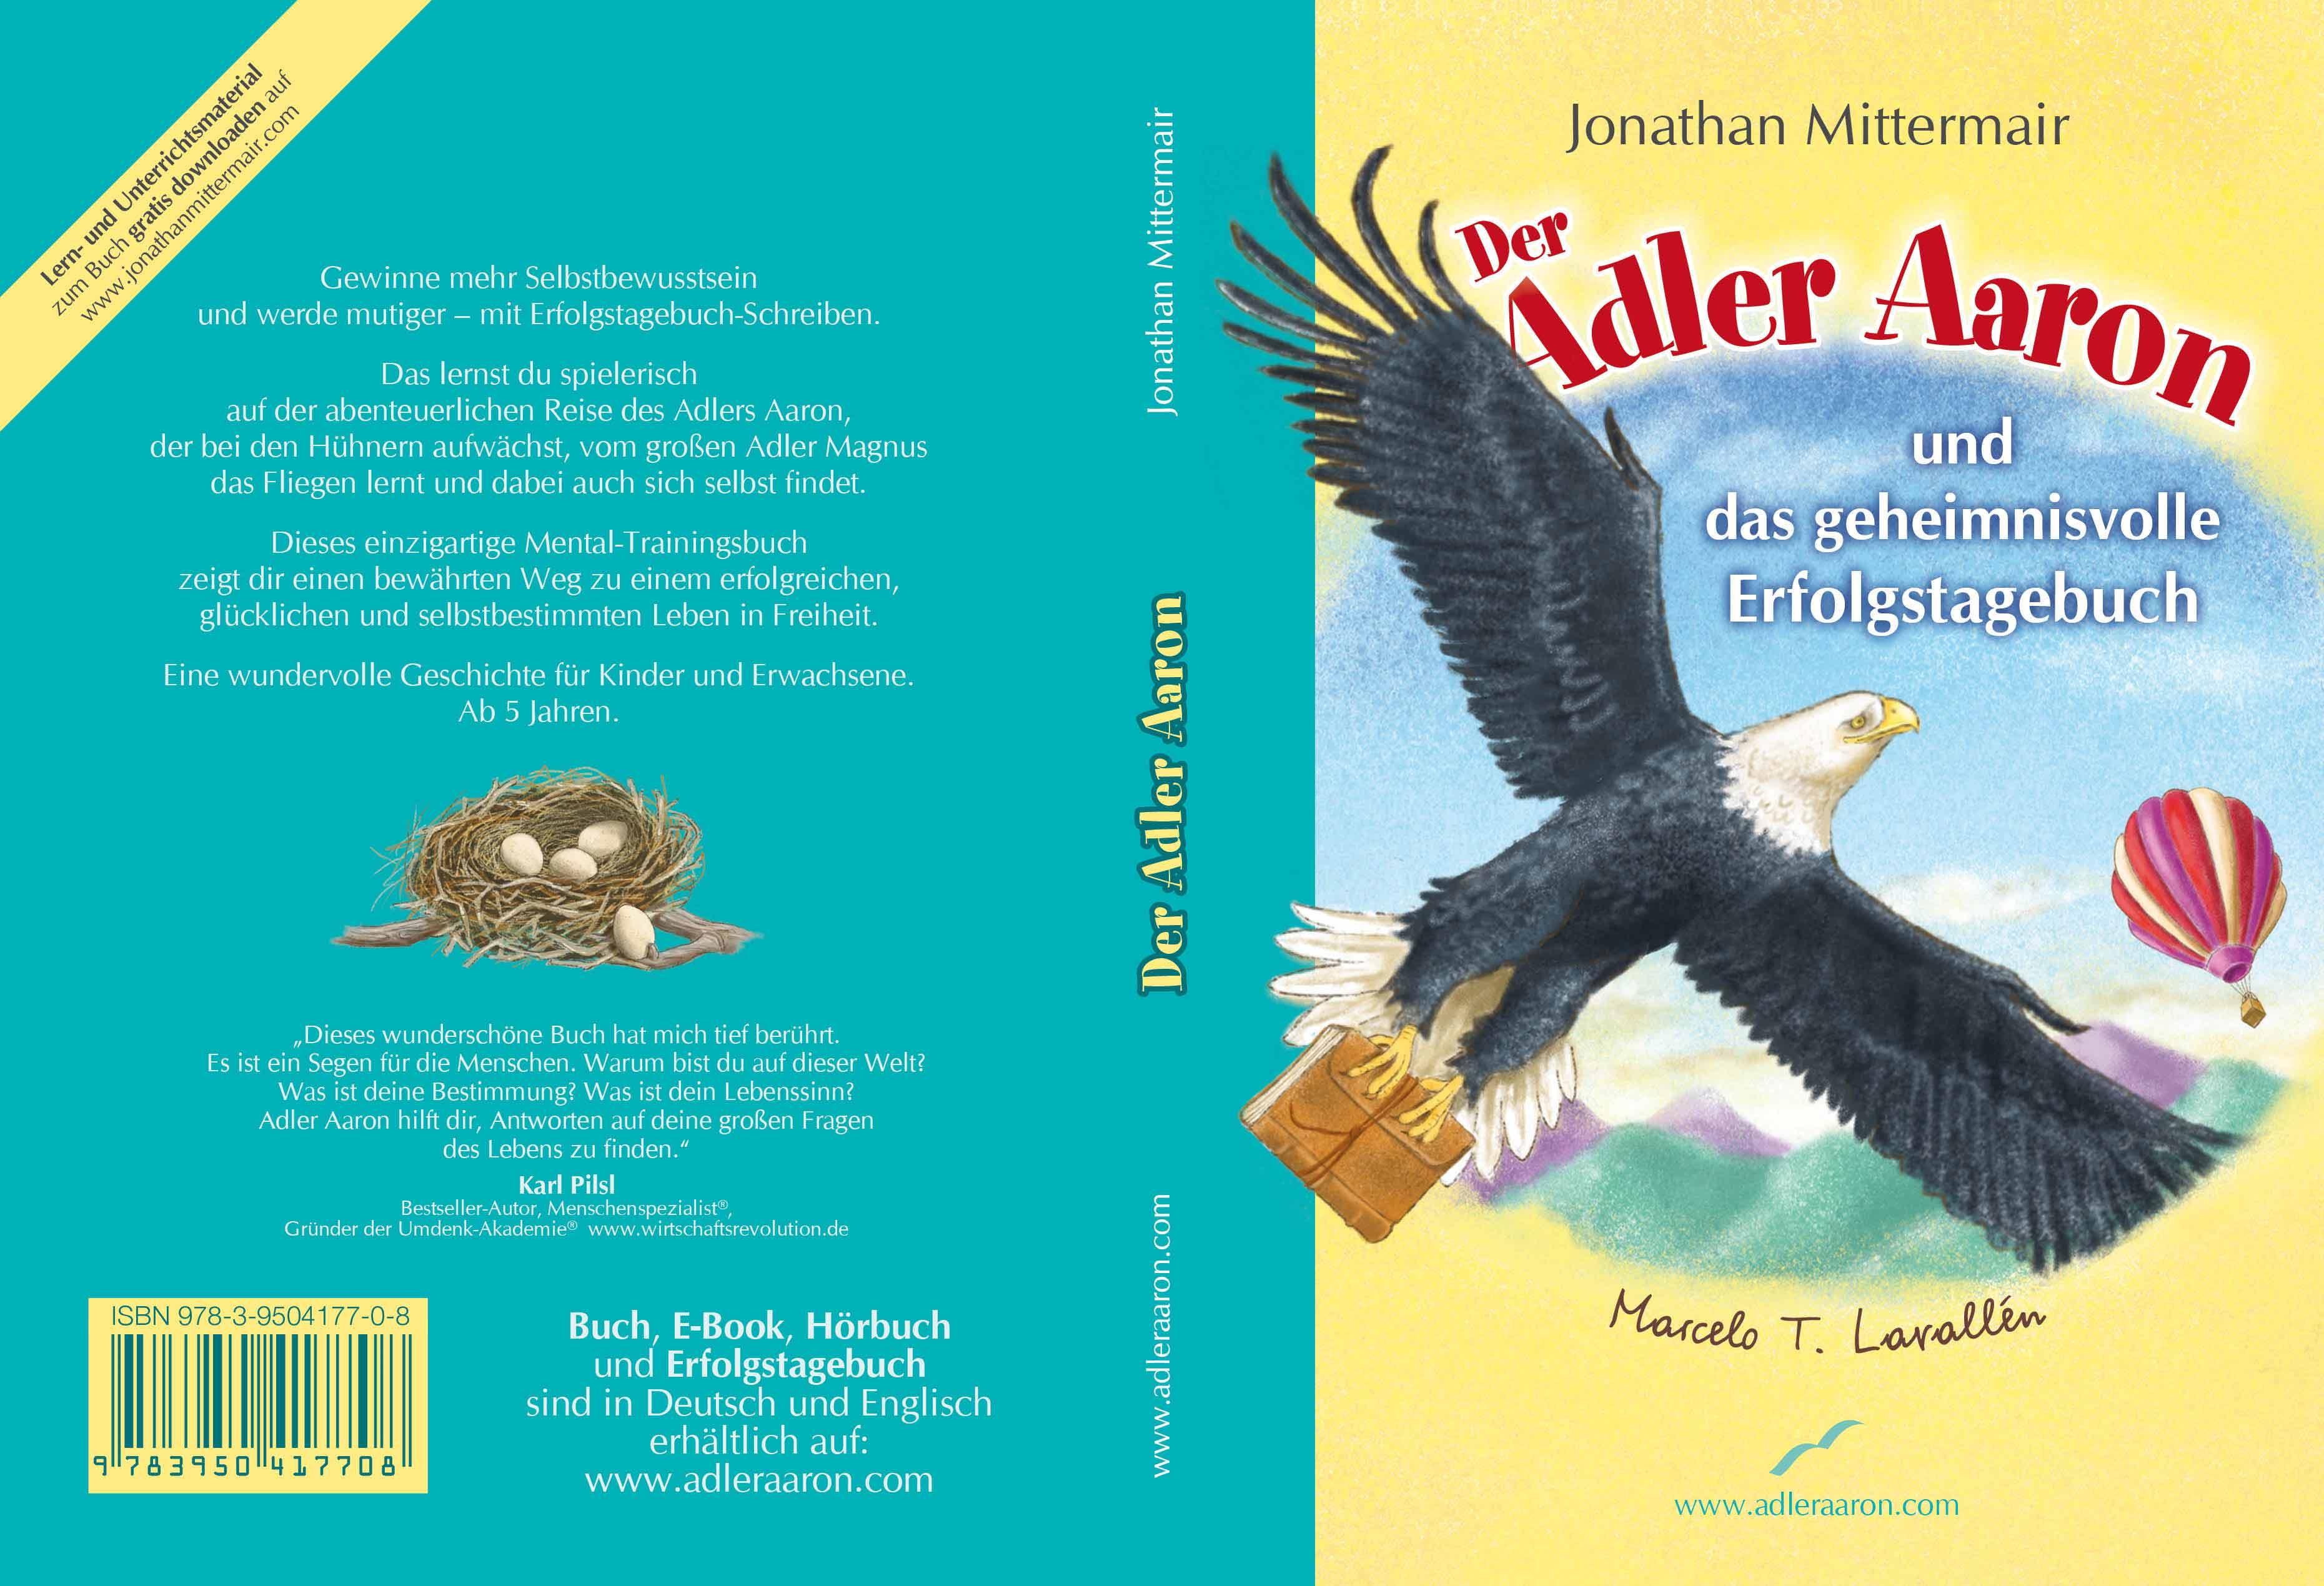 cover_adleraaron2_deut